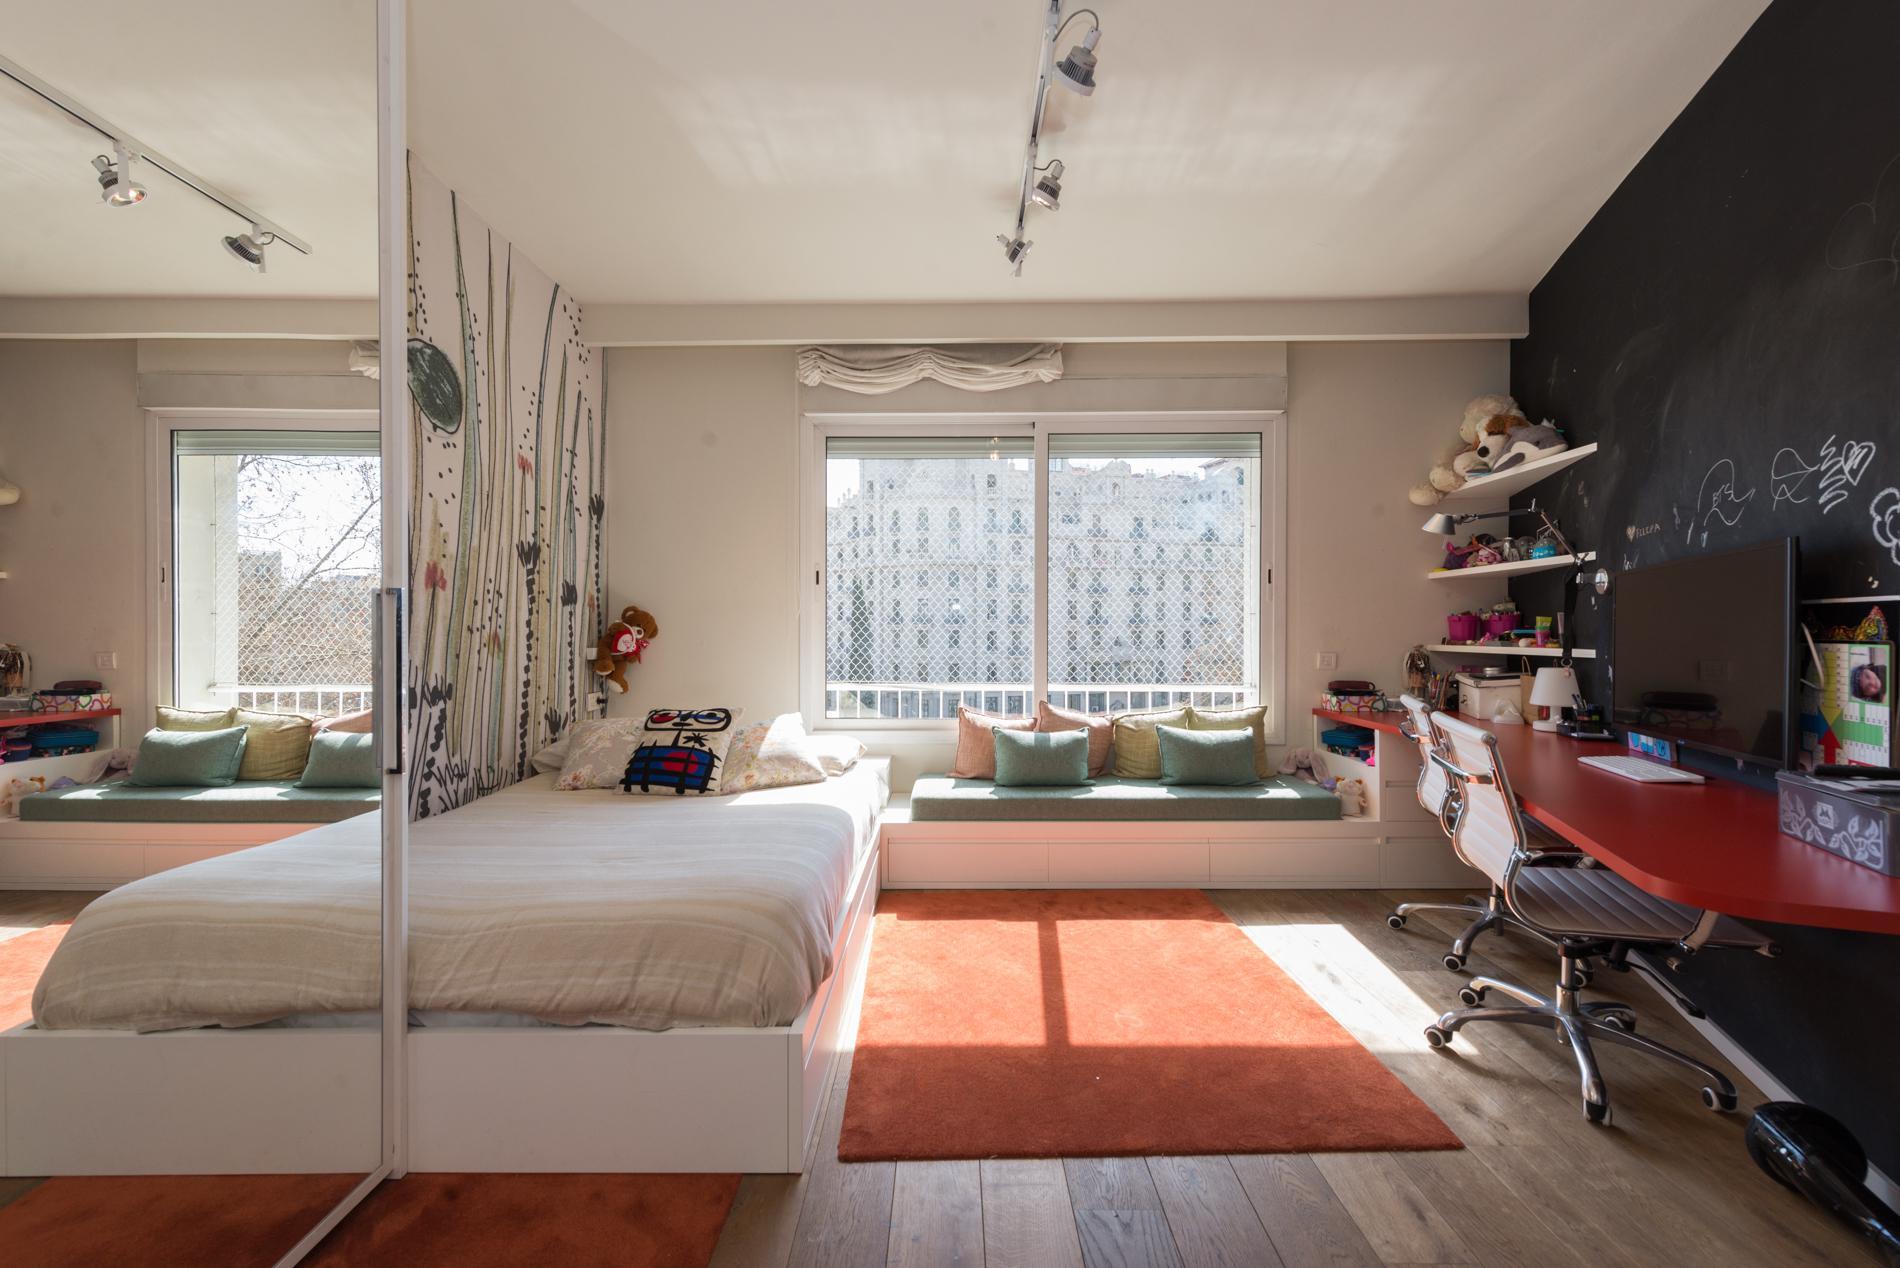 222426 Apartment for sale in Eixample, Dreta Eixample 28